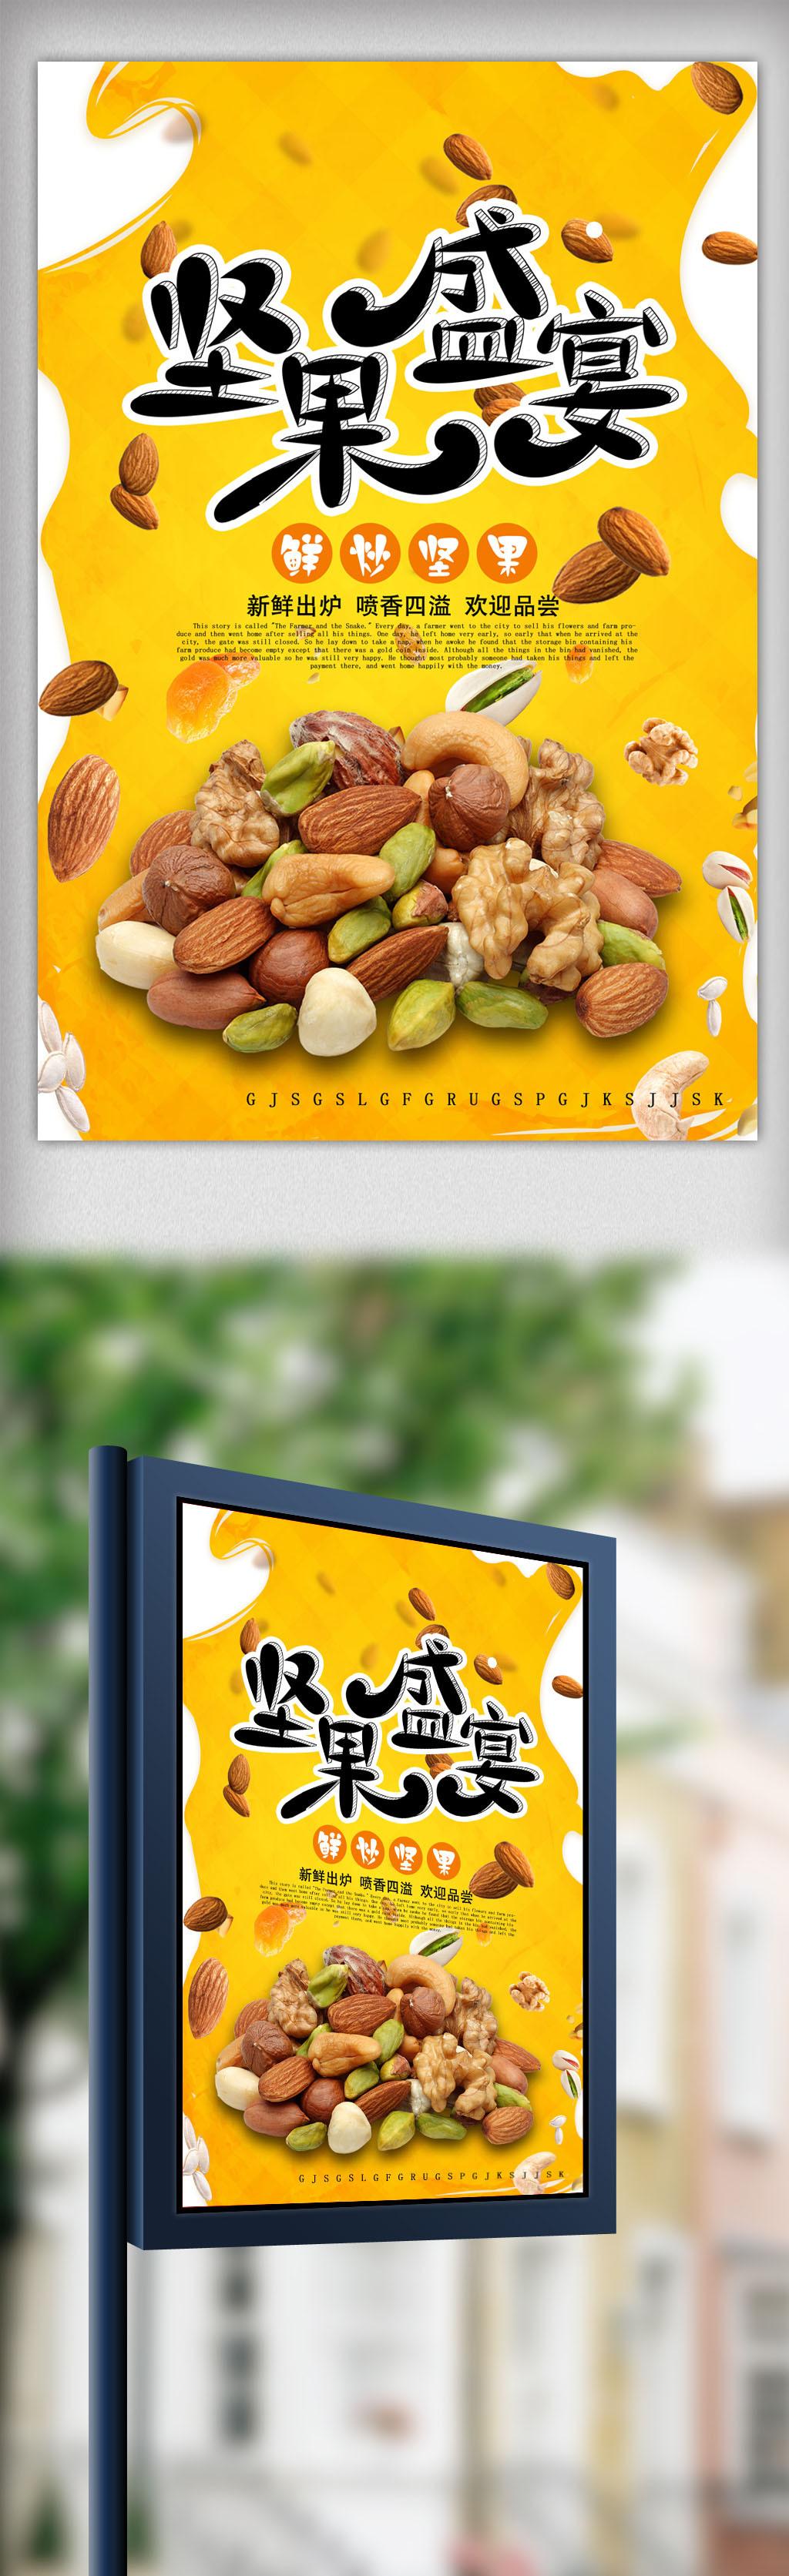 平面|广告设计 海报设计 pop海报 > 坚果盛宴宣传促销海报   图片编号